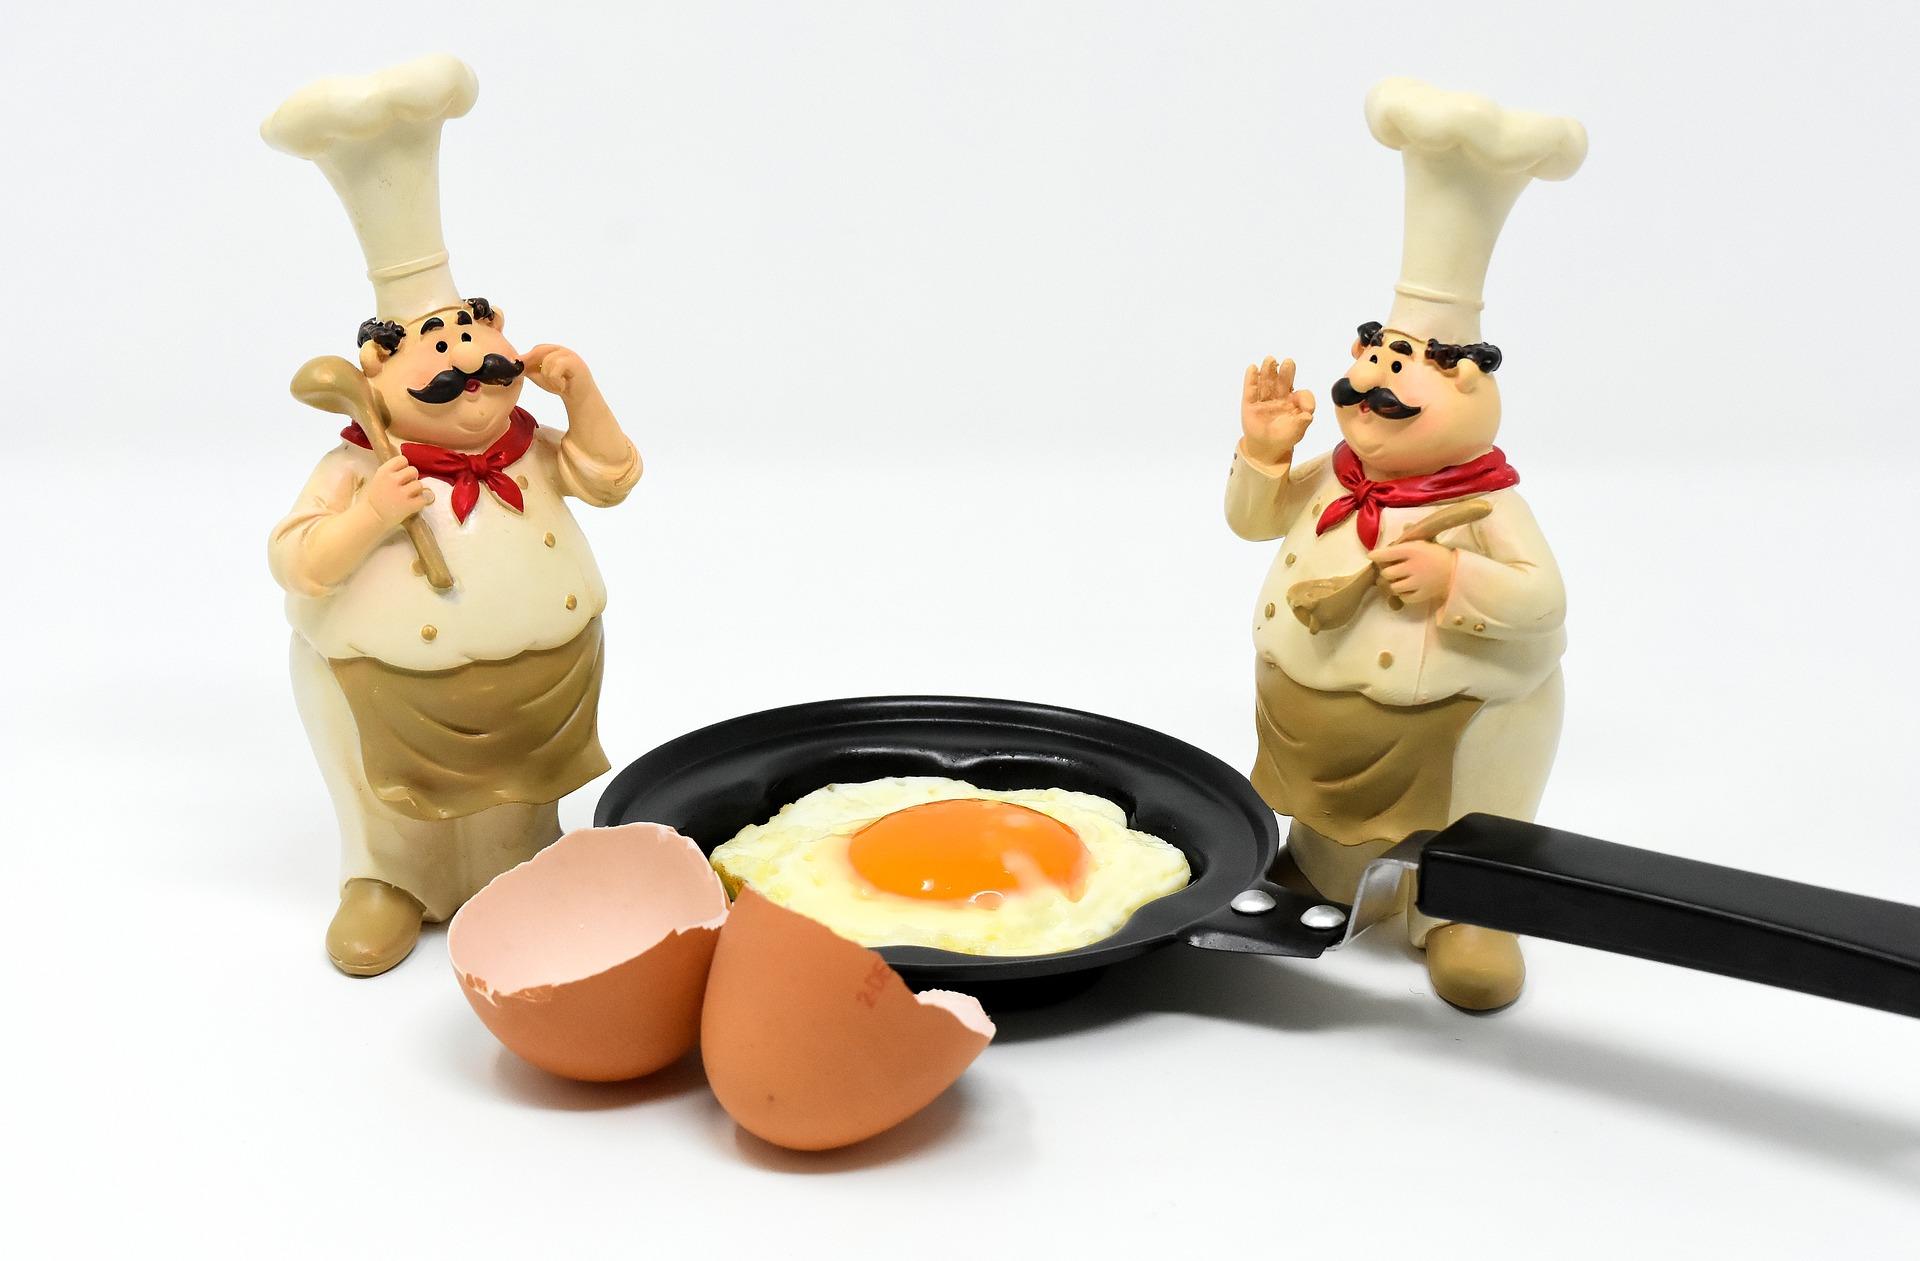 cooking-3125716_1920.jpg